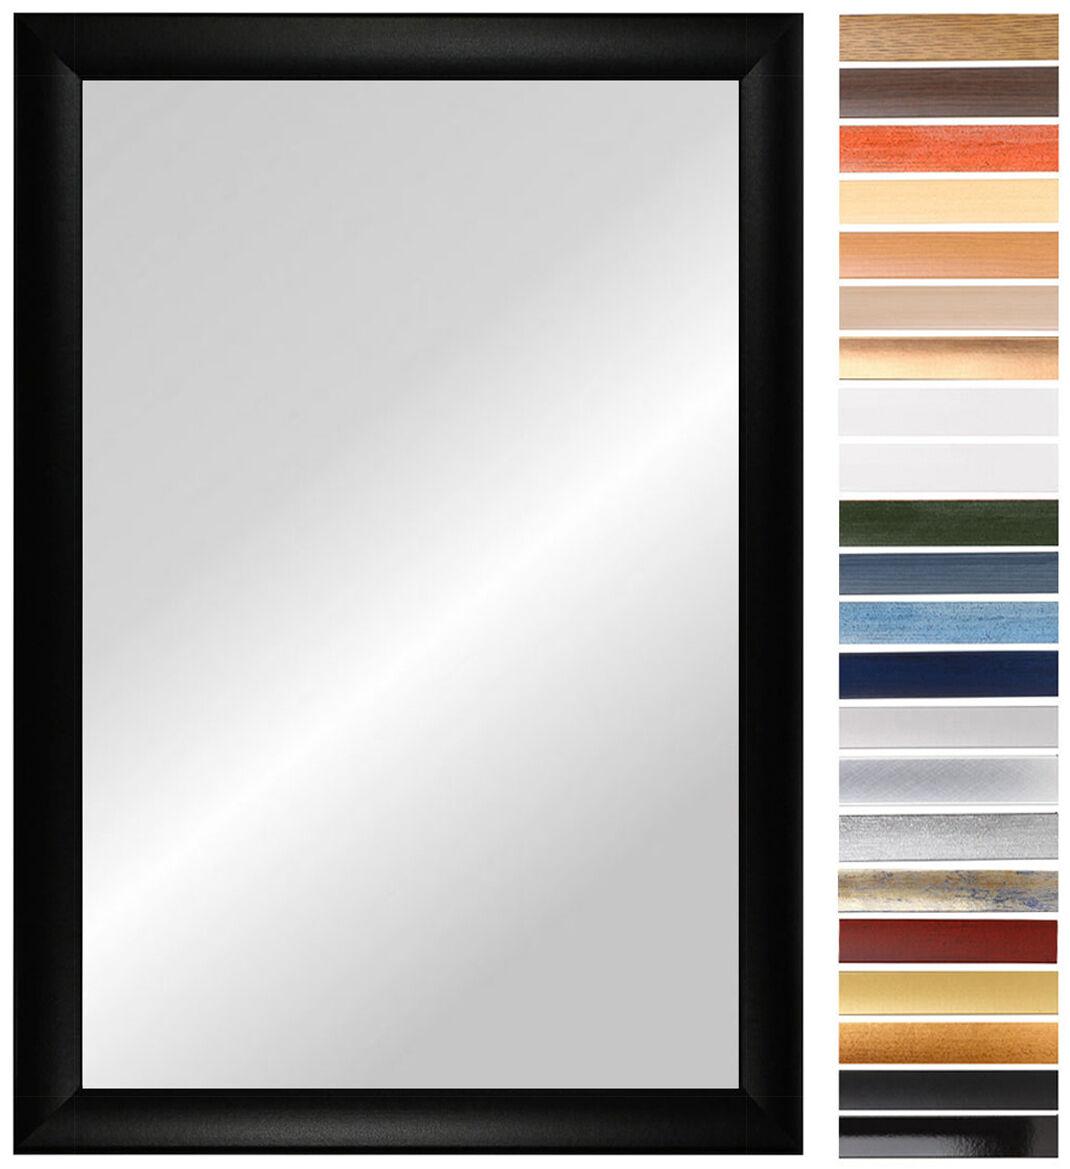 OLIMP Spiegelrahmen 25 x 138 cm Spiegel Wandspiegel Badspiegel - Top Qualität